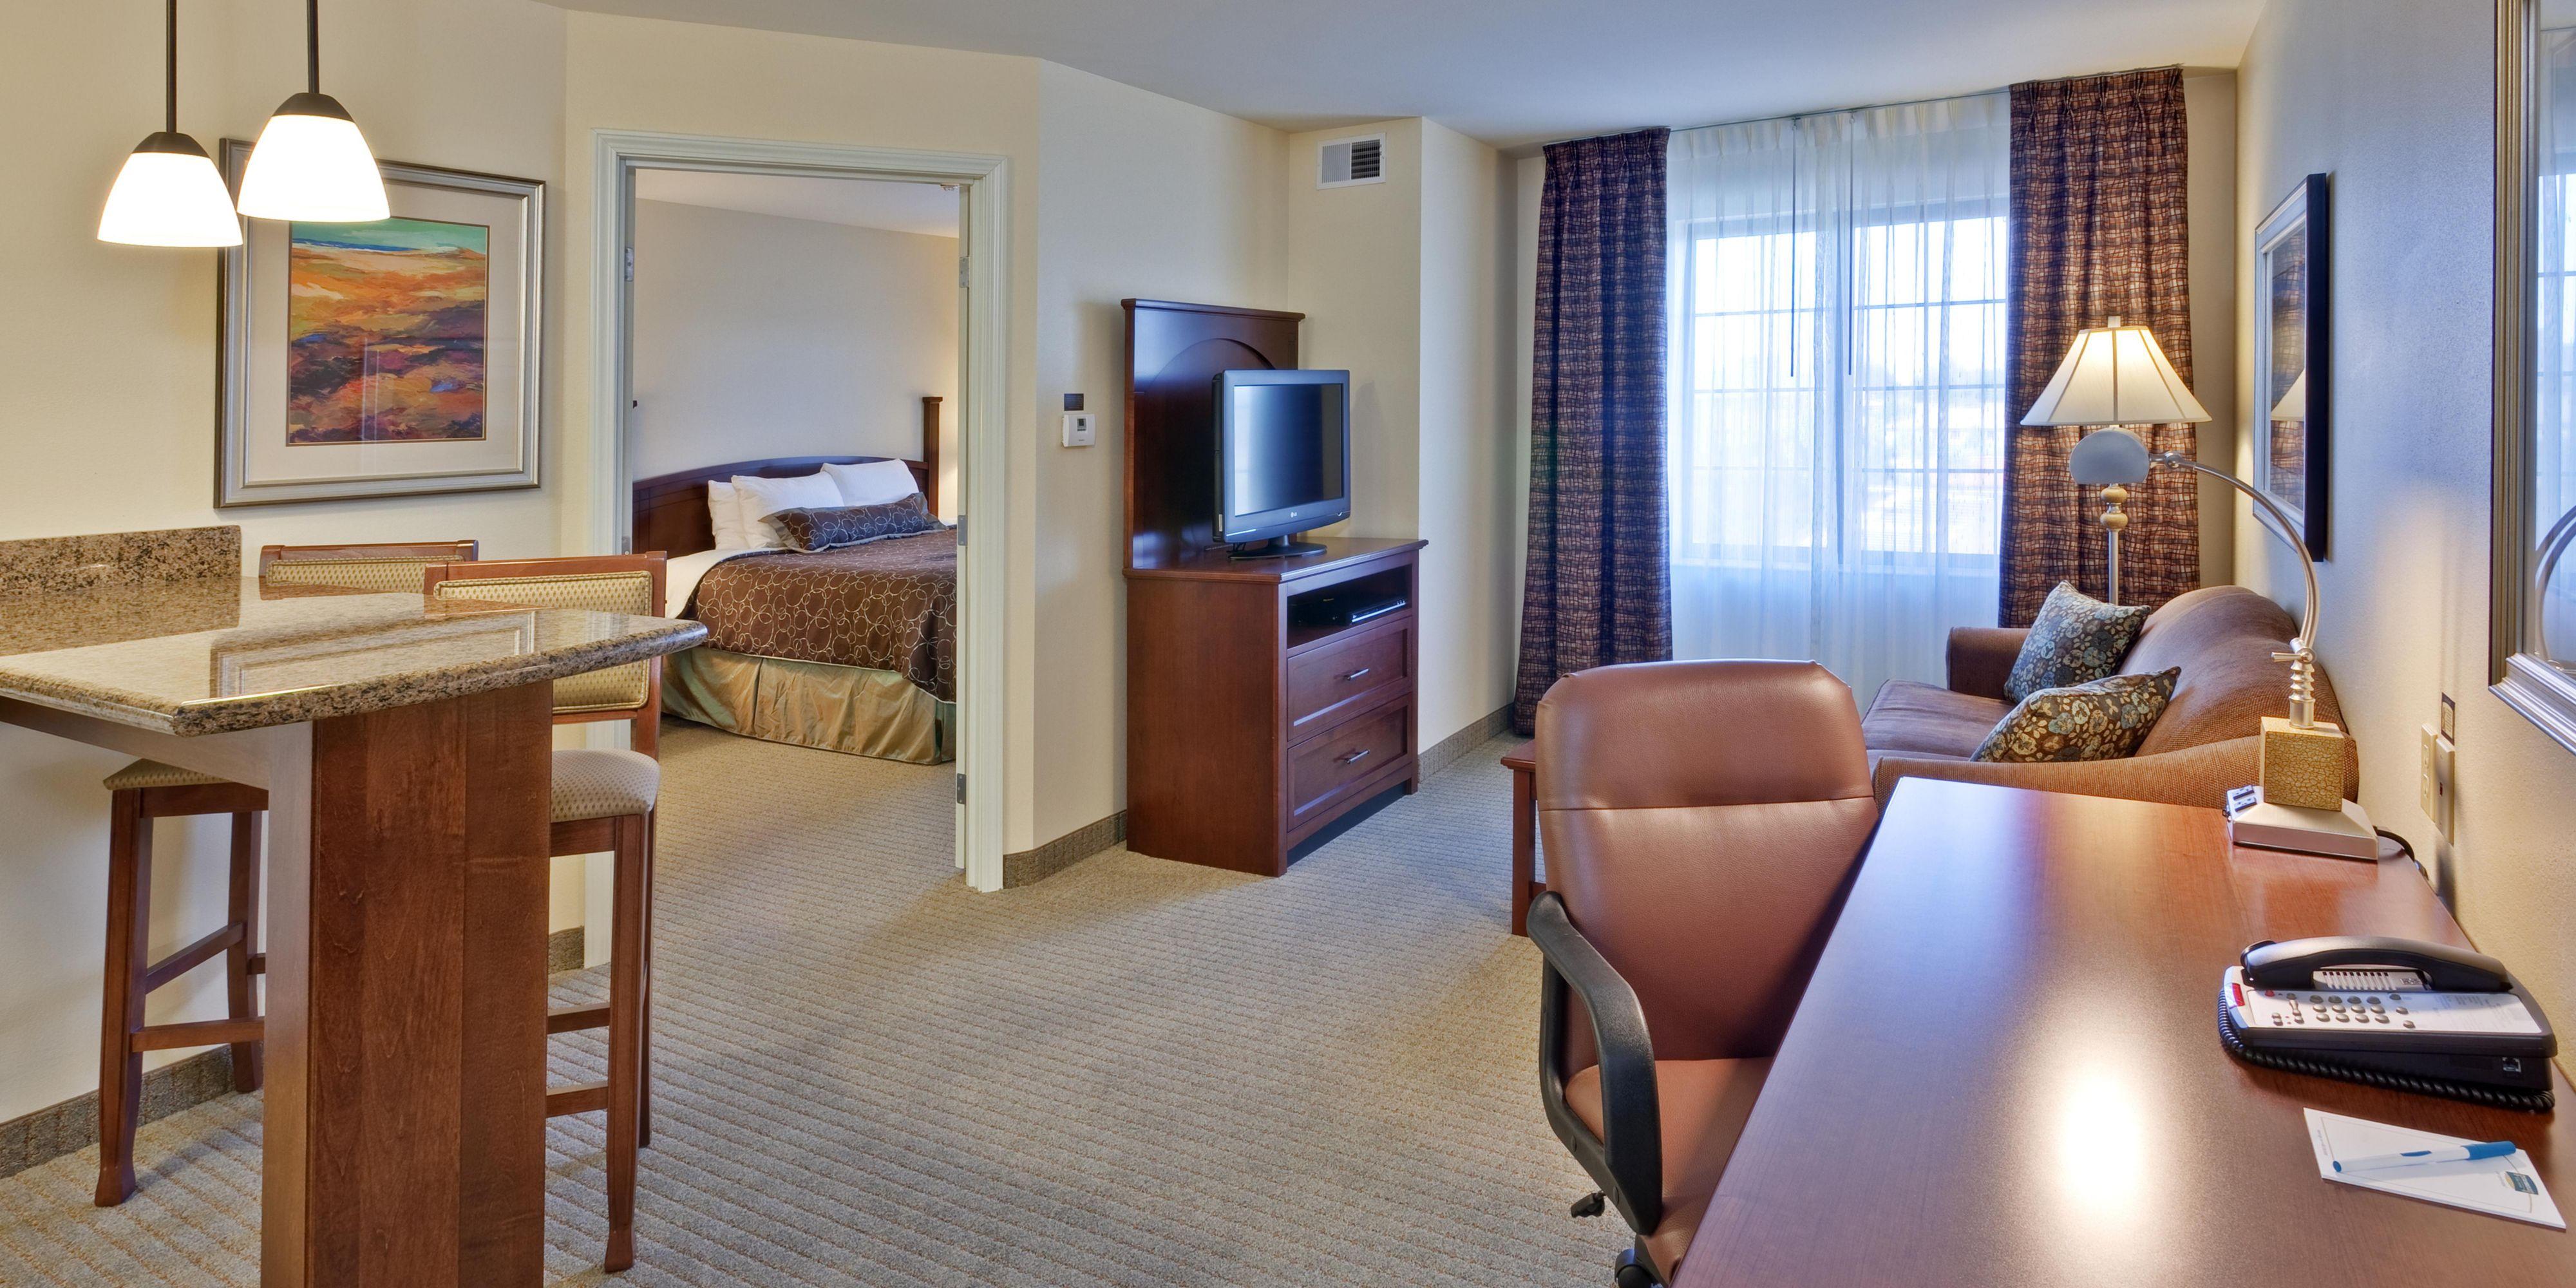 Staybridge Suites Indianapolis-Carmel - Indianapolis, Indiana